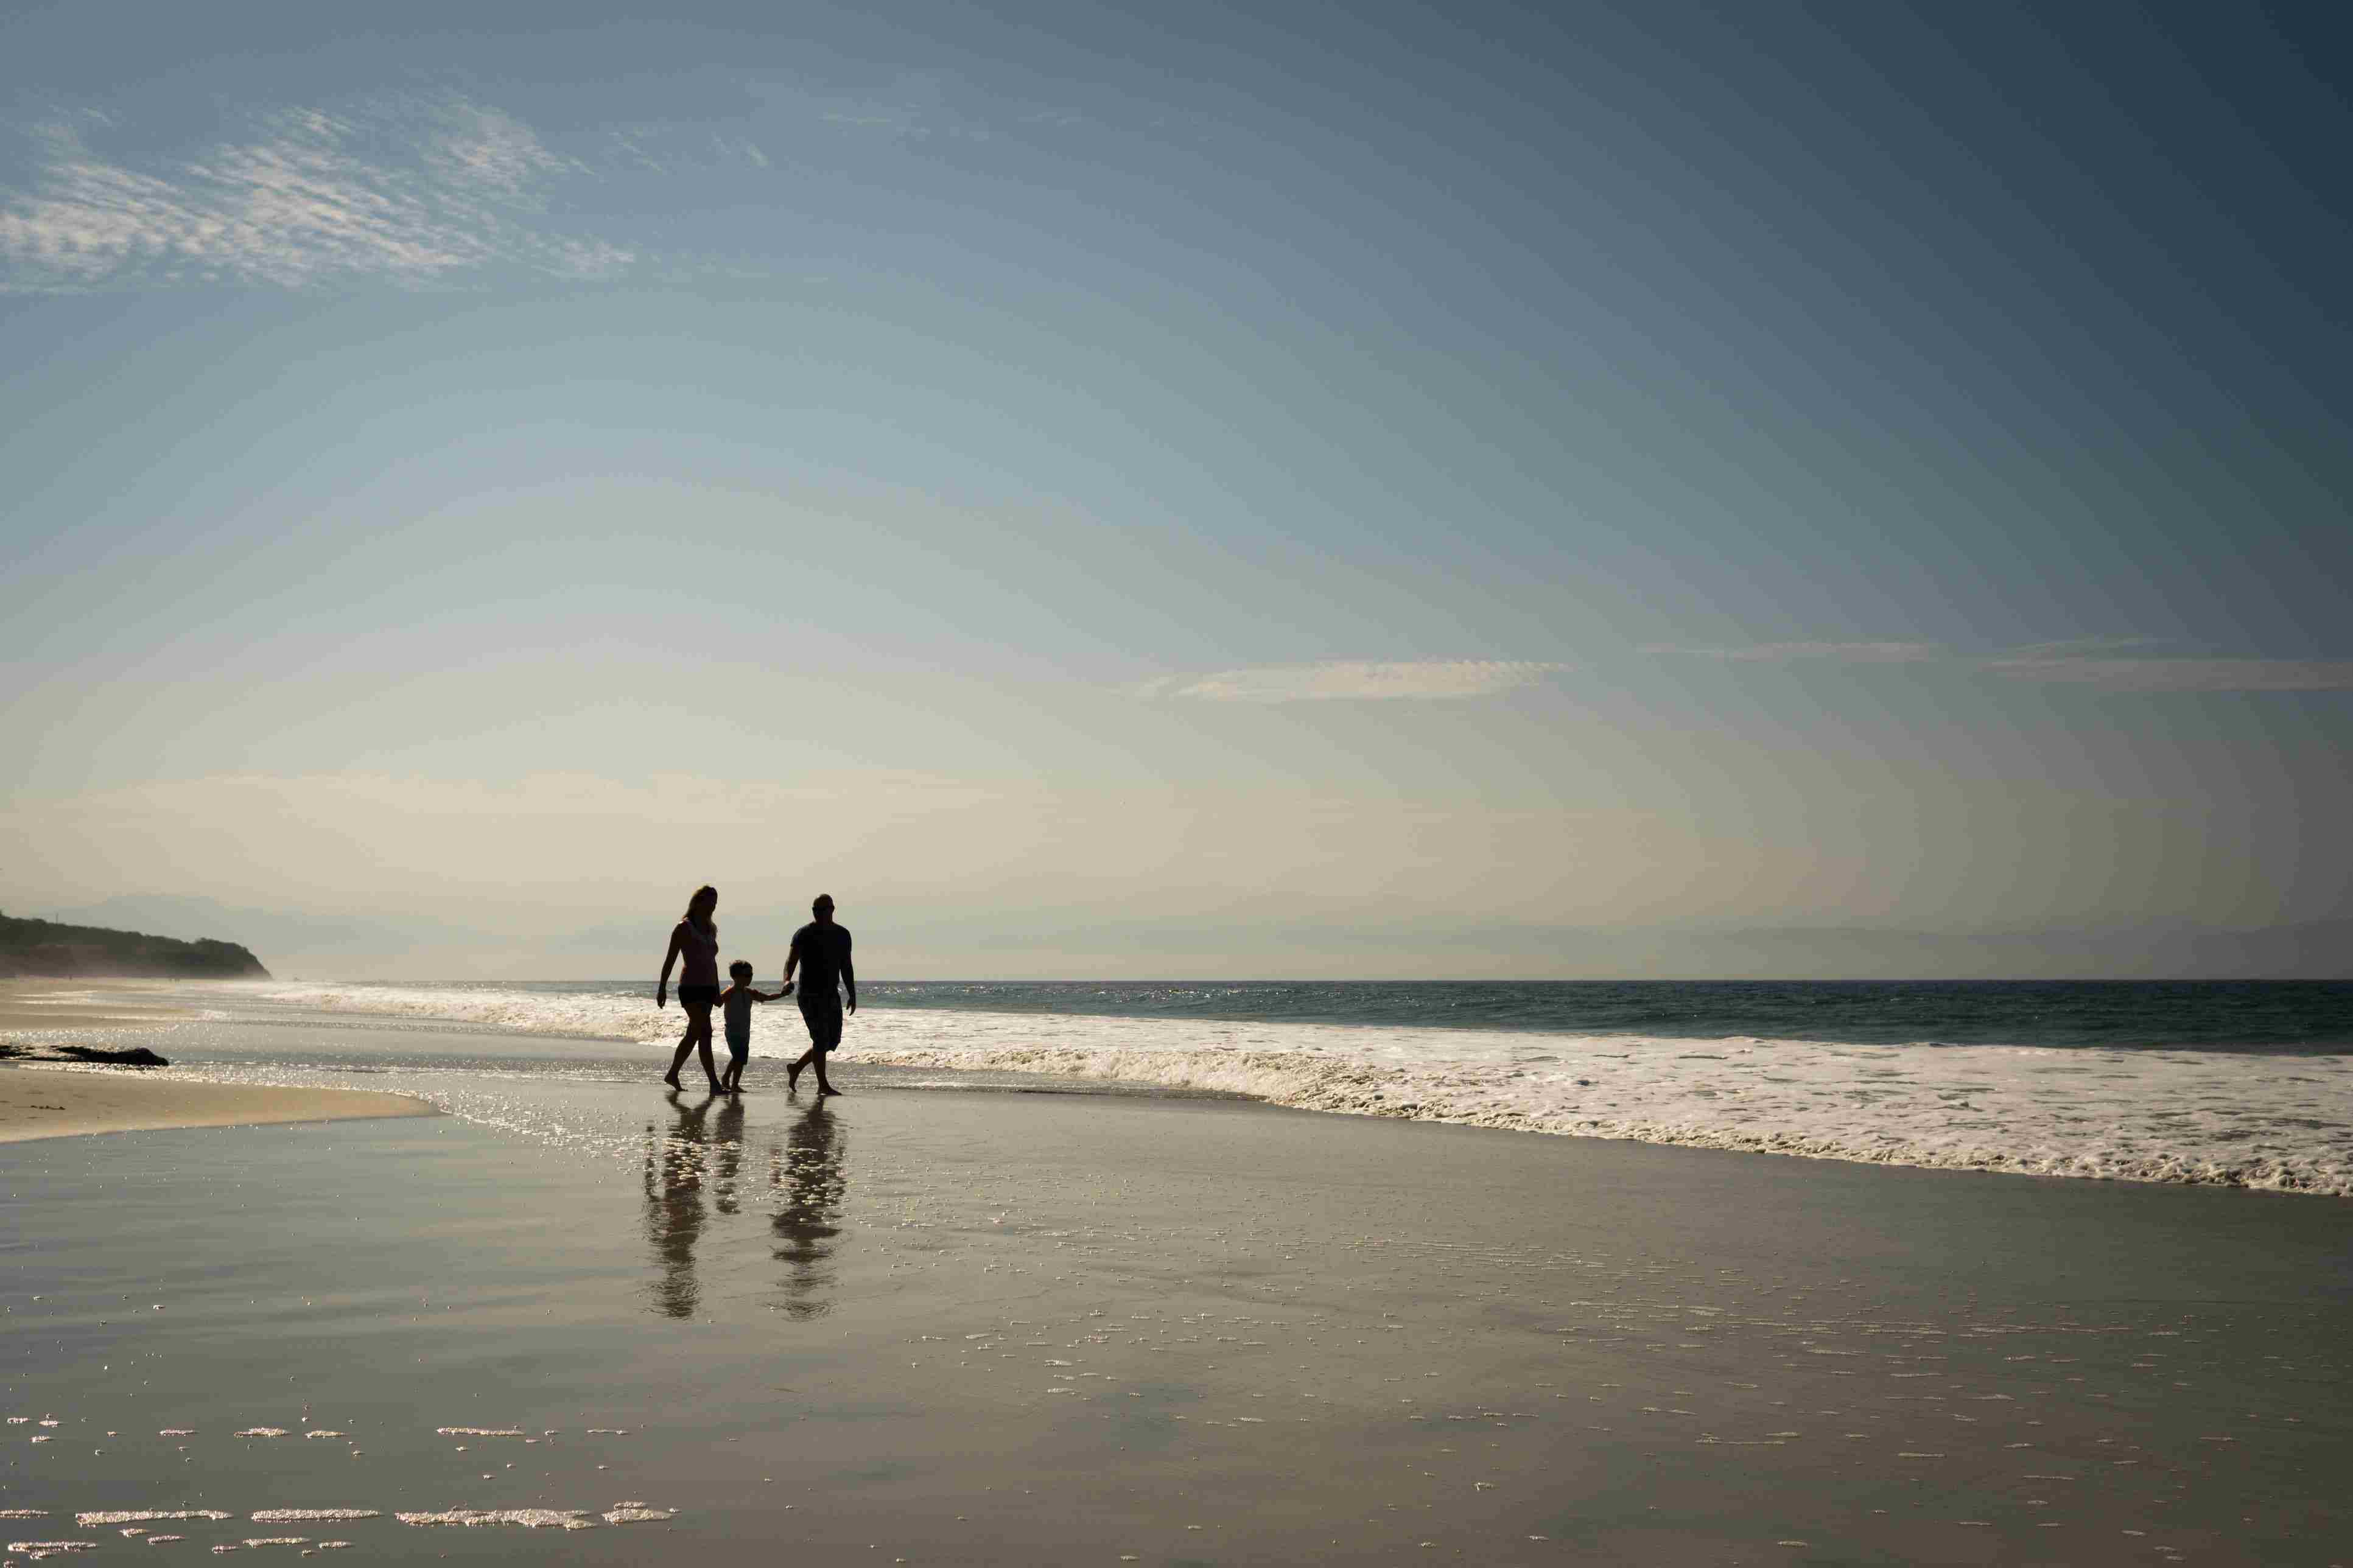 Mexico, Riviera Nayarit, family walking on the beach